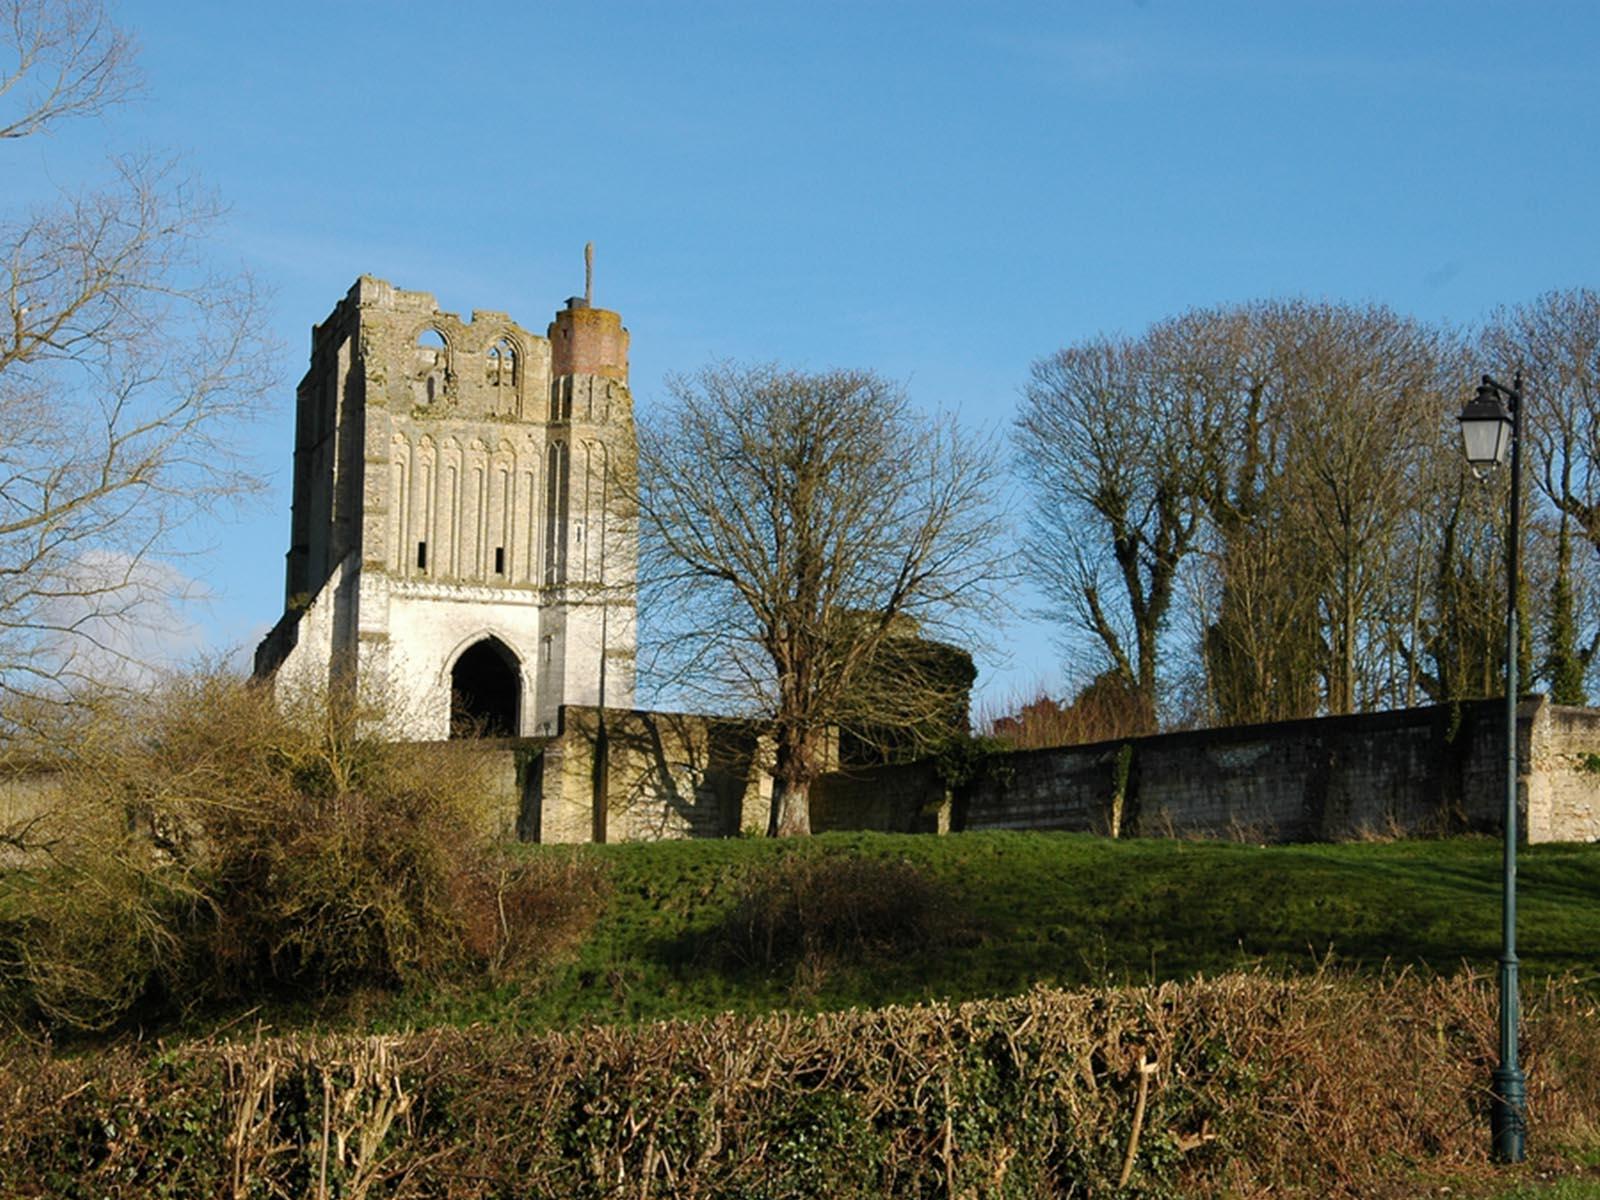 banniere-abbaye-mont-watten.jpg